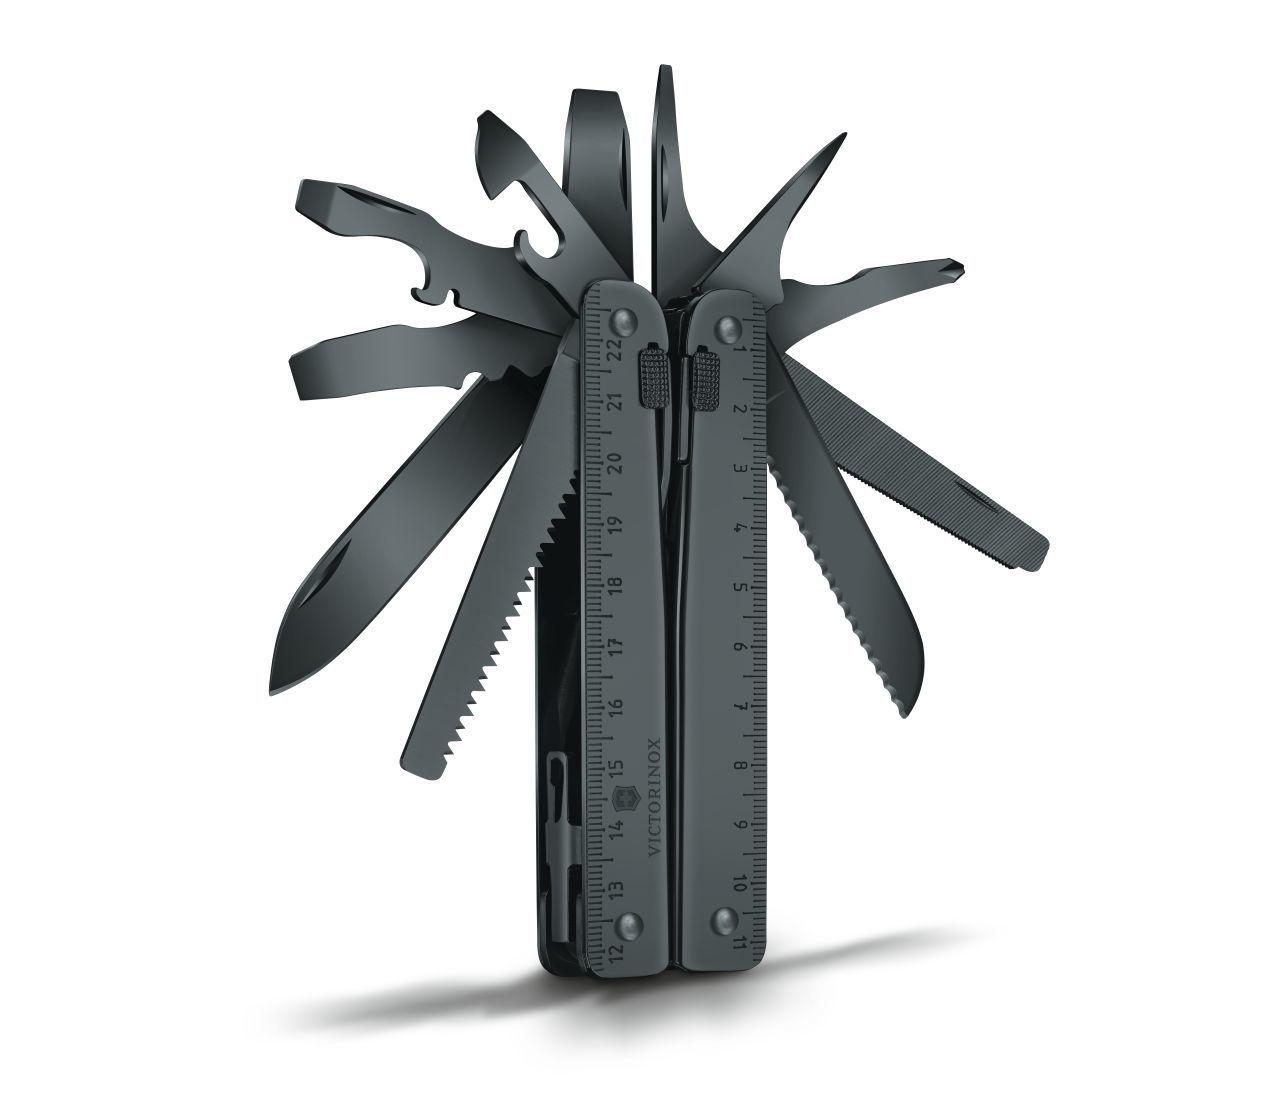 Чёрный мультитул Victorinox SwissTool BS (3.0323.3CN) 115 мм. в сложенном виде, нейлоновый чехол - Wenger-Victorinox.Ru